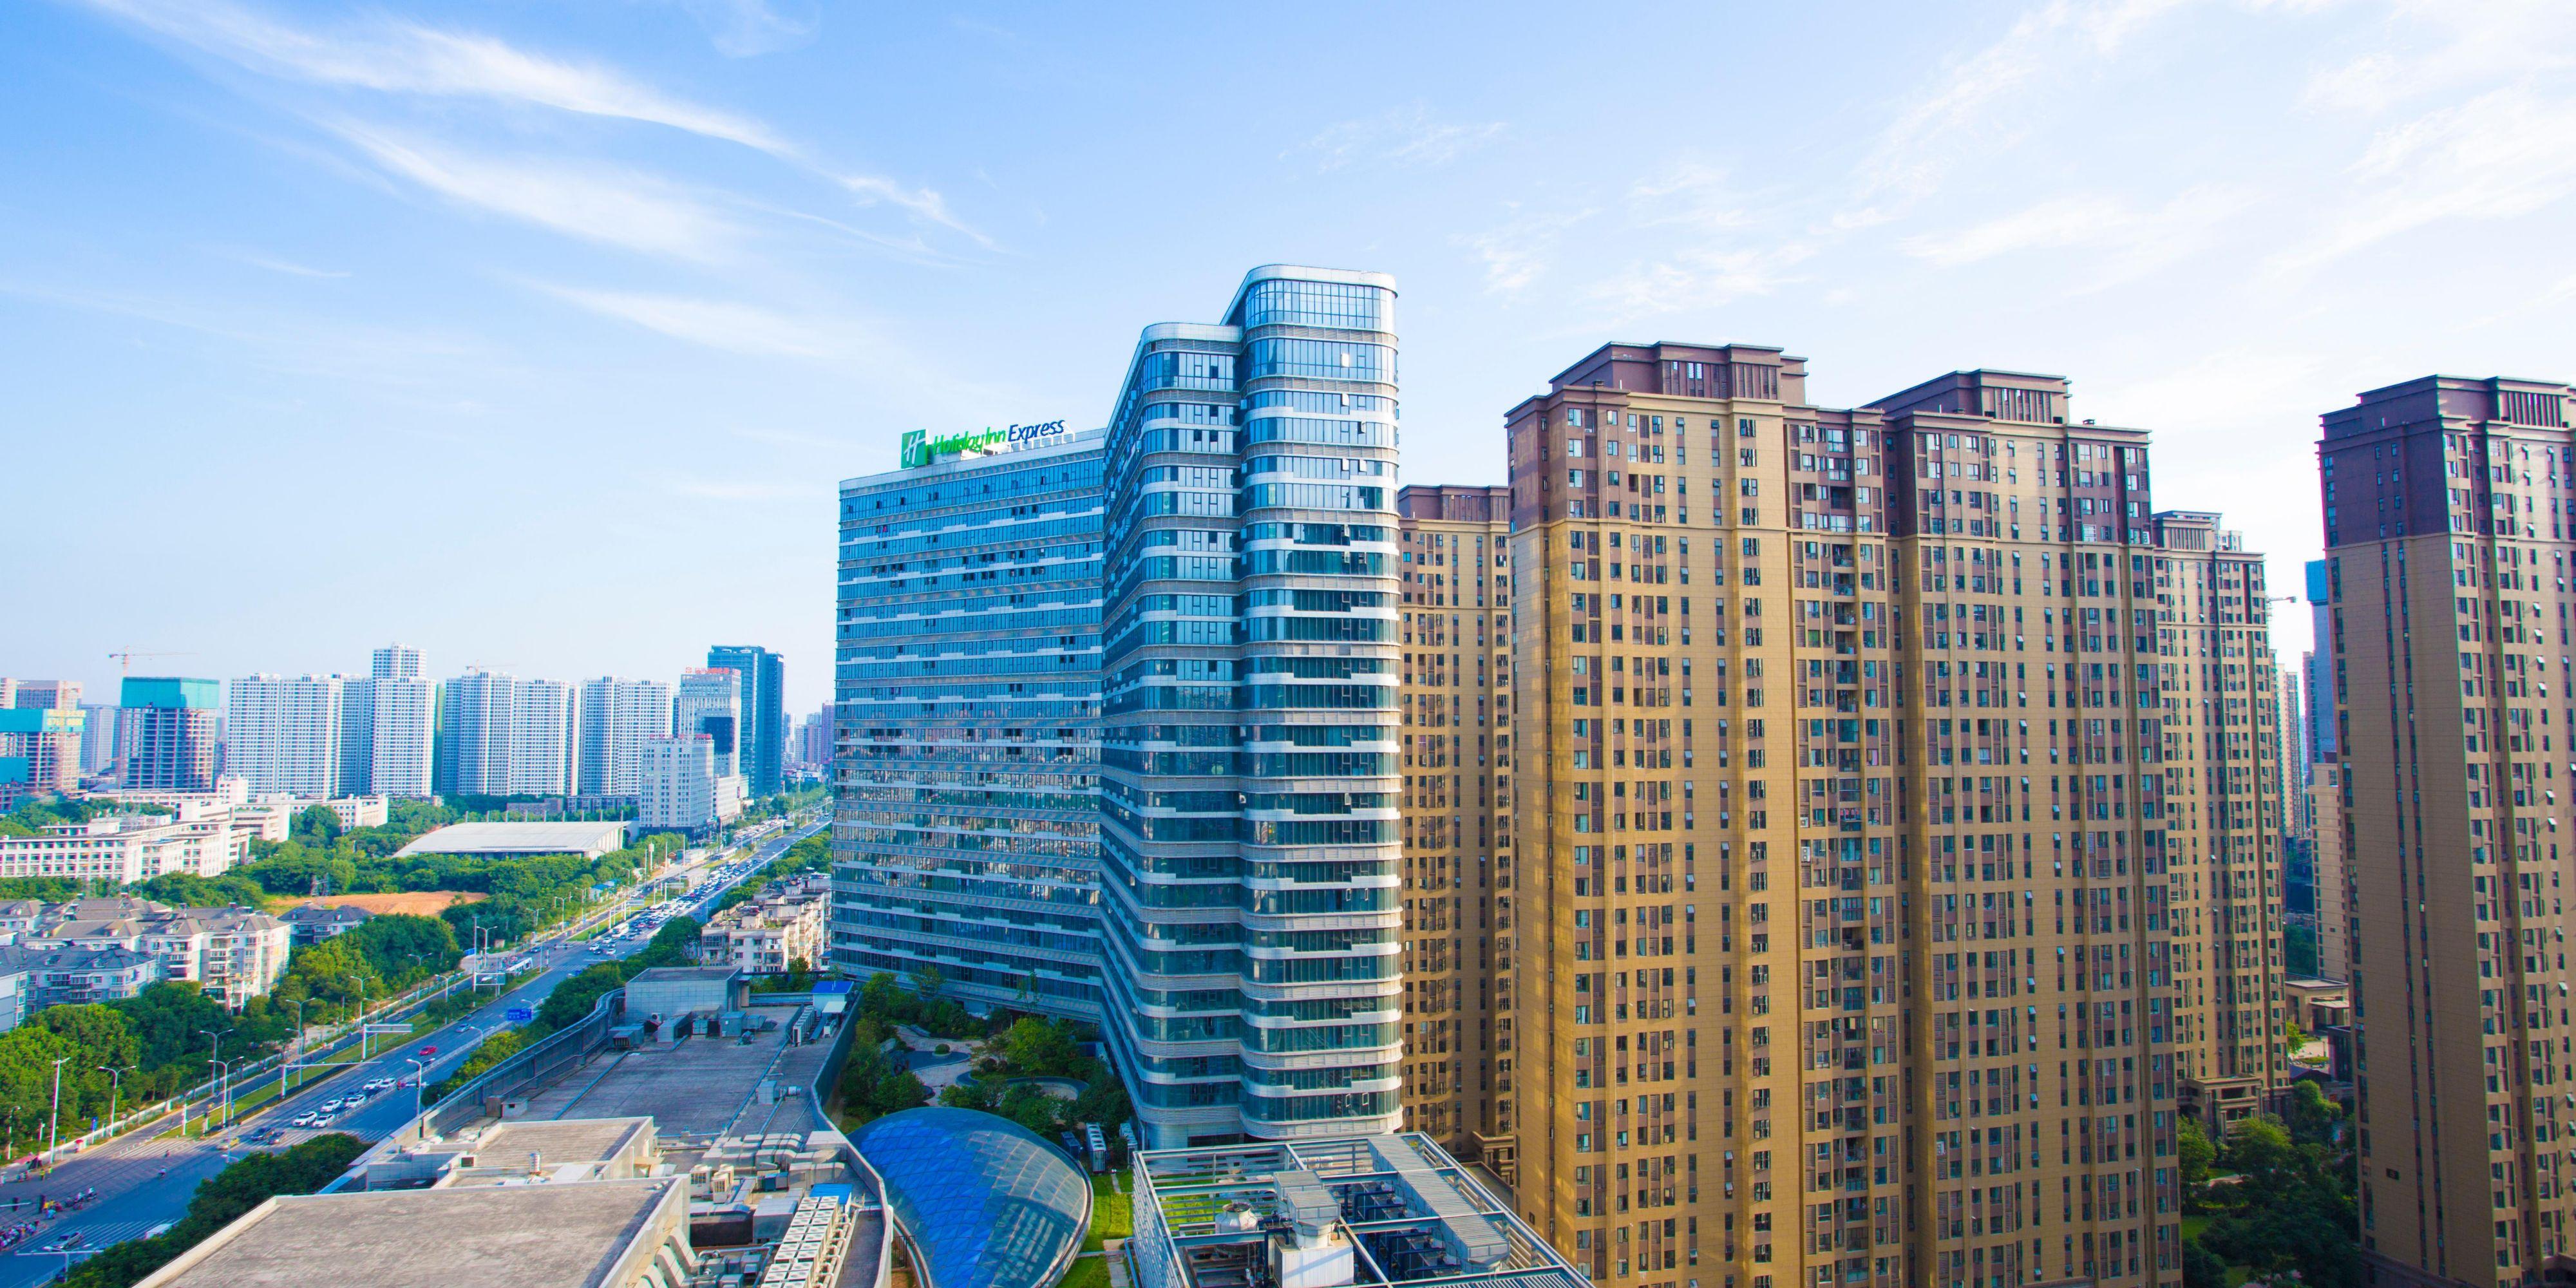 武汉光谷情趣酒店_Holiday Inn Express 武汉光谷智选假日酒店 地图和驾车路线